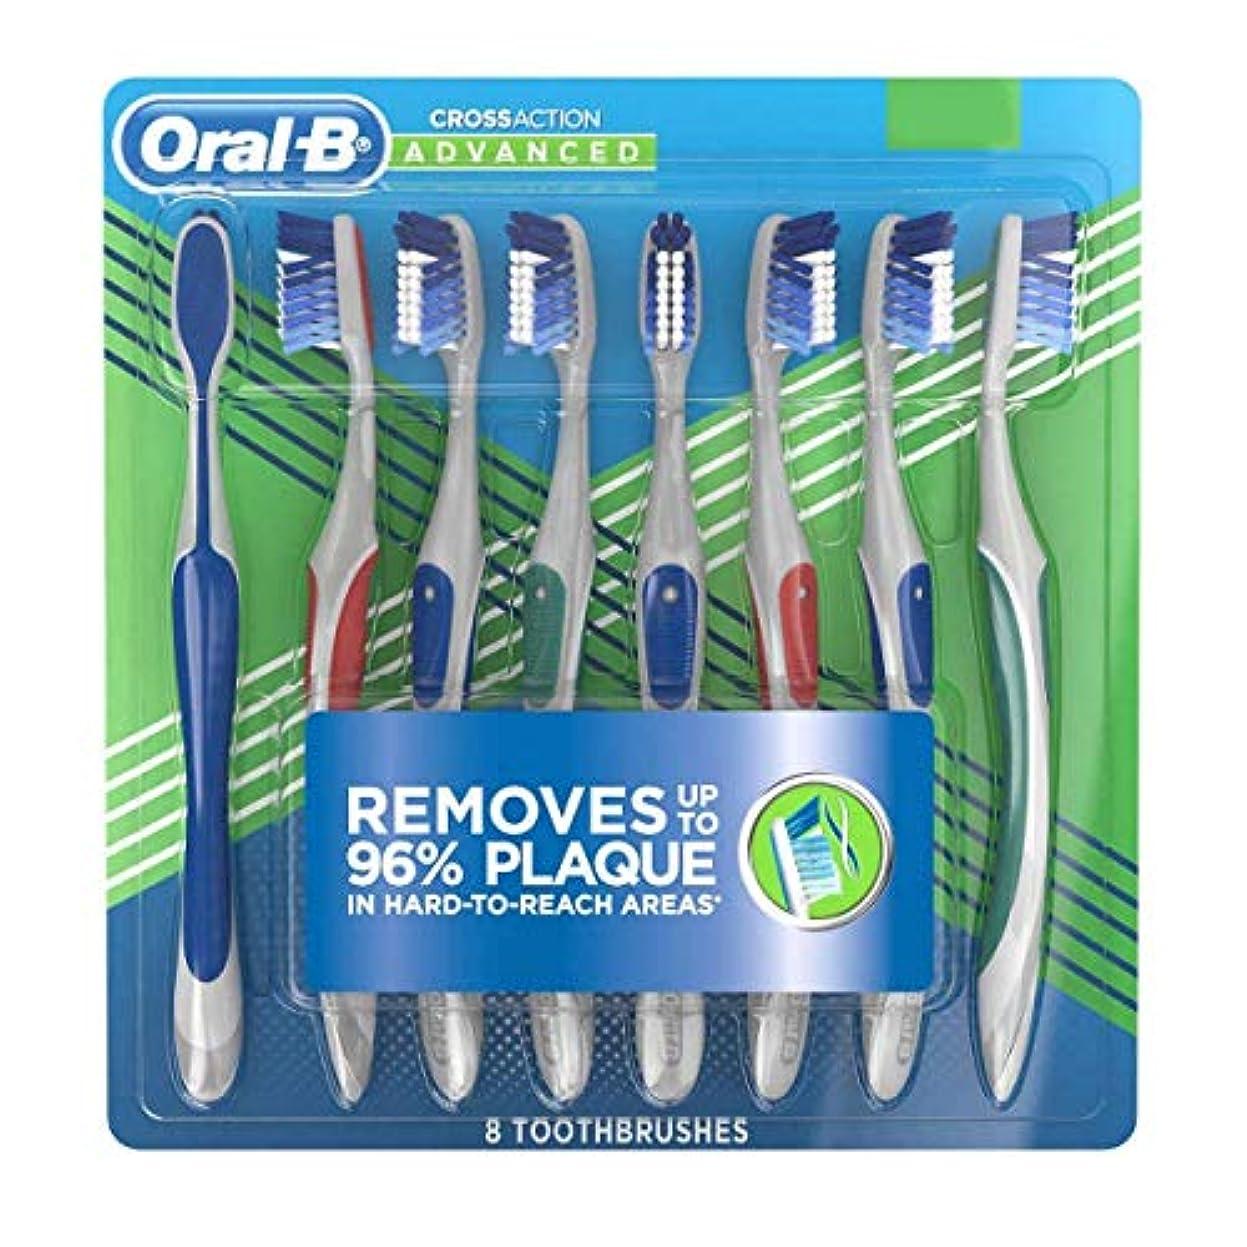 忍耐石灰岩スカートOral-B Pro-Health Cross Action Advanced Toothbrush 8-pack SOFT オーラルB プロヘルス クロスアクション アドバンスド 歯ブラシ8本セット(ソフトタイプ)